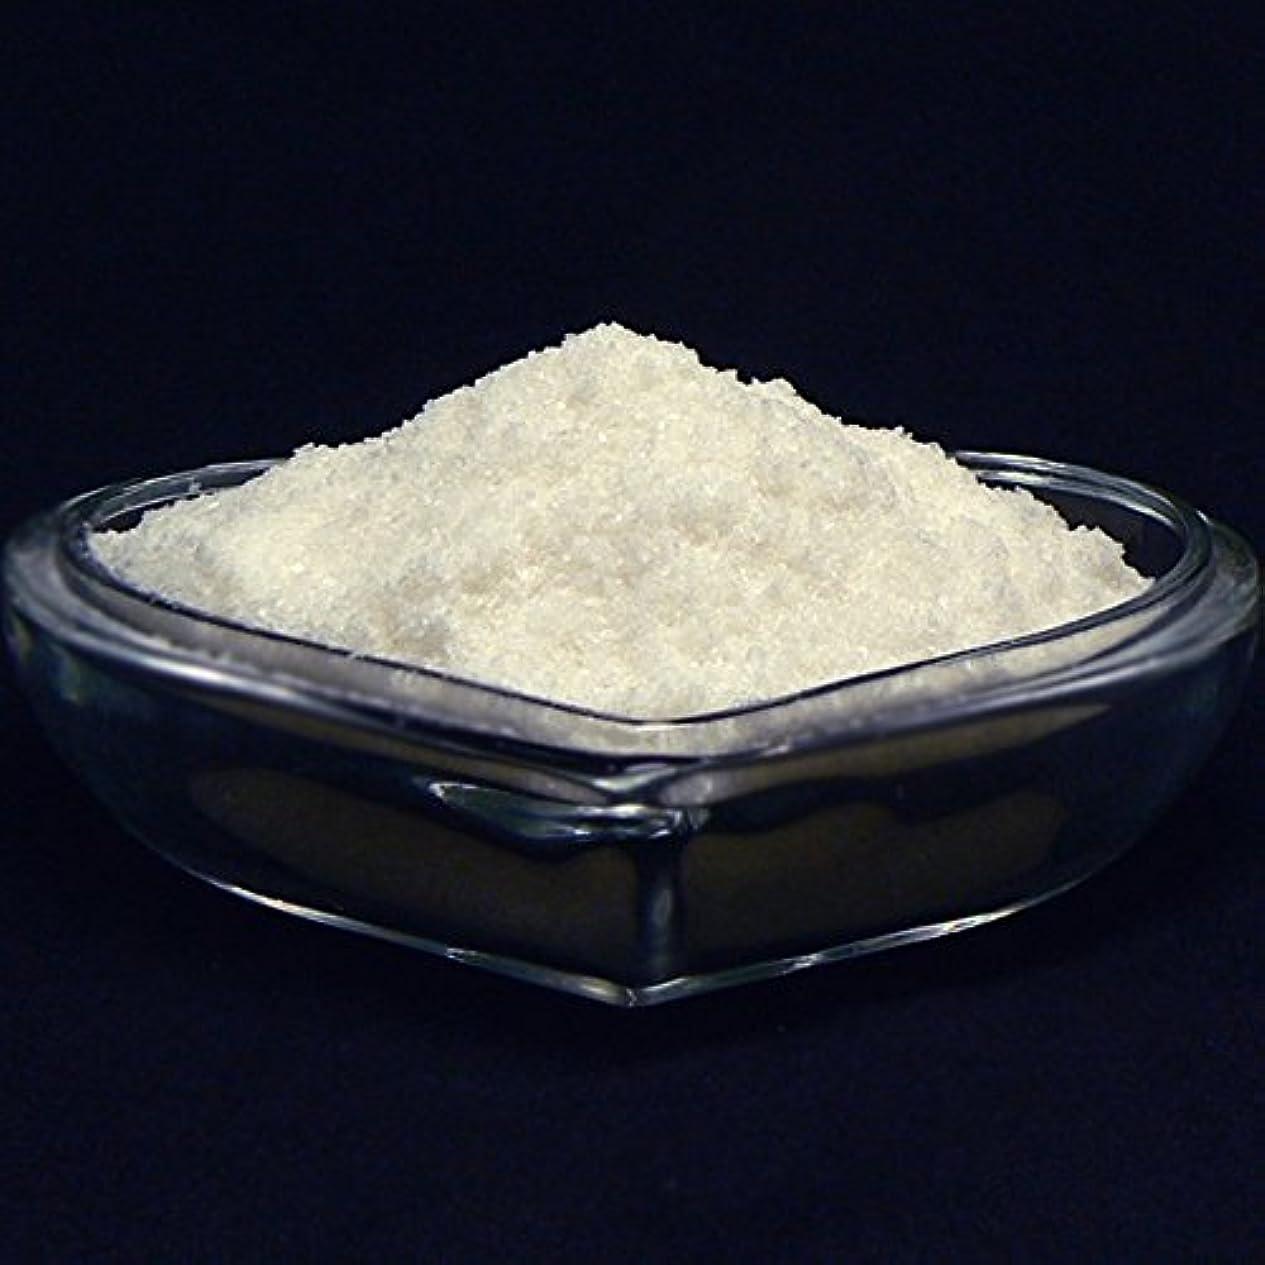 脆いパンフレット残酷ヒマラヤ岩塩 クリスタルソルト 入浴用 バスソルト(パウダー)白岩塩 (1kg+250g増量)